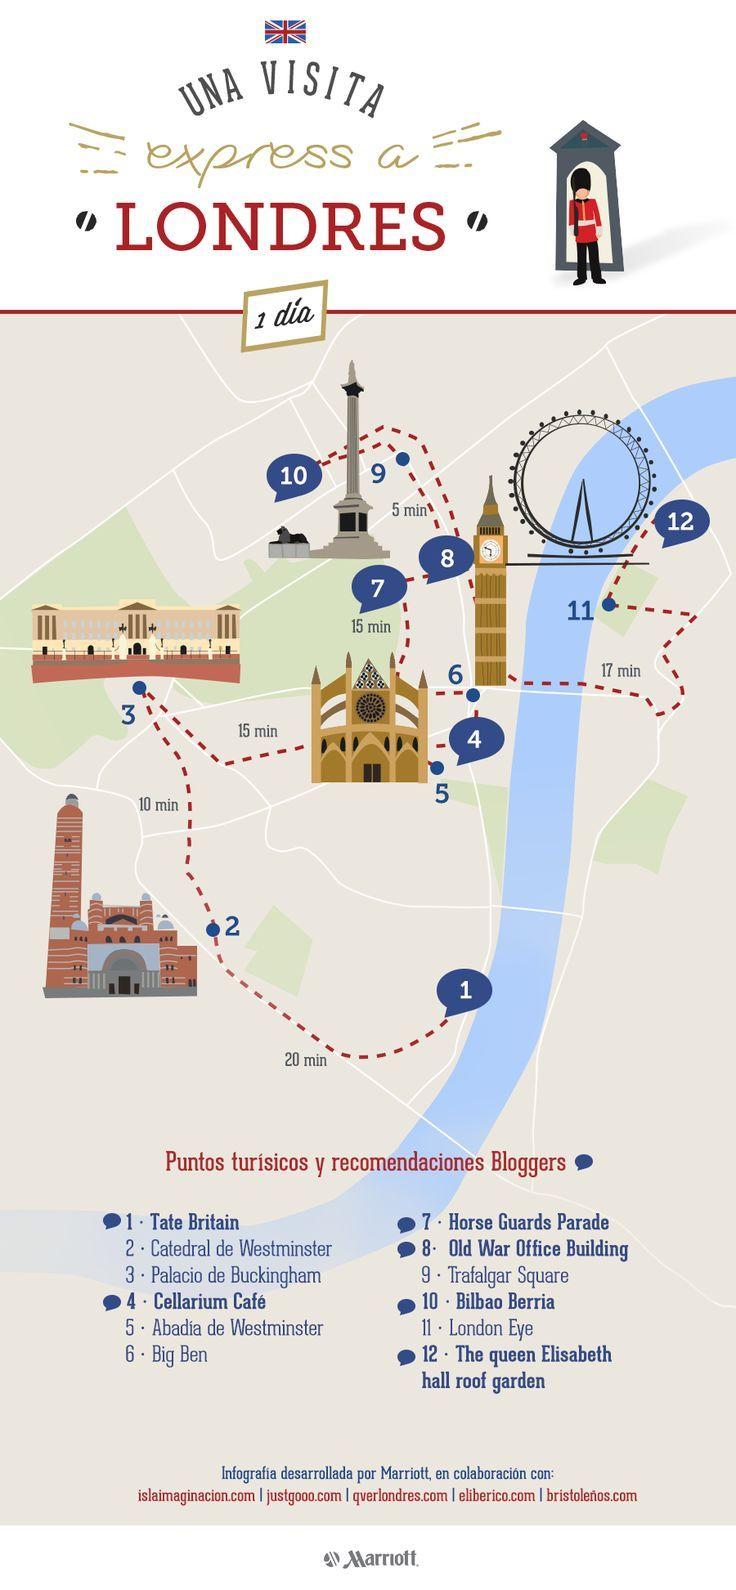 Disfruta De Esta Visita Express A Londres Y Descubre Qué Ver En Londres En Poco Tiempo Viajar Londres Turismo Londres Turismo Londres Viajes A Londres